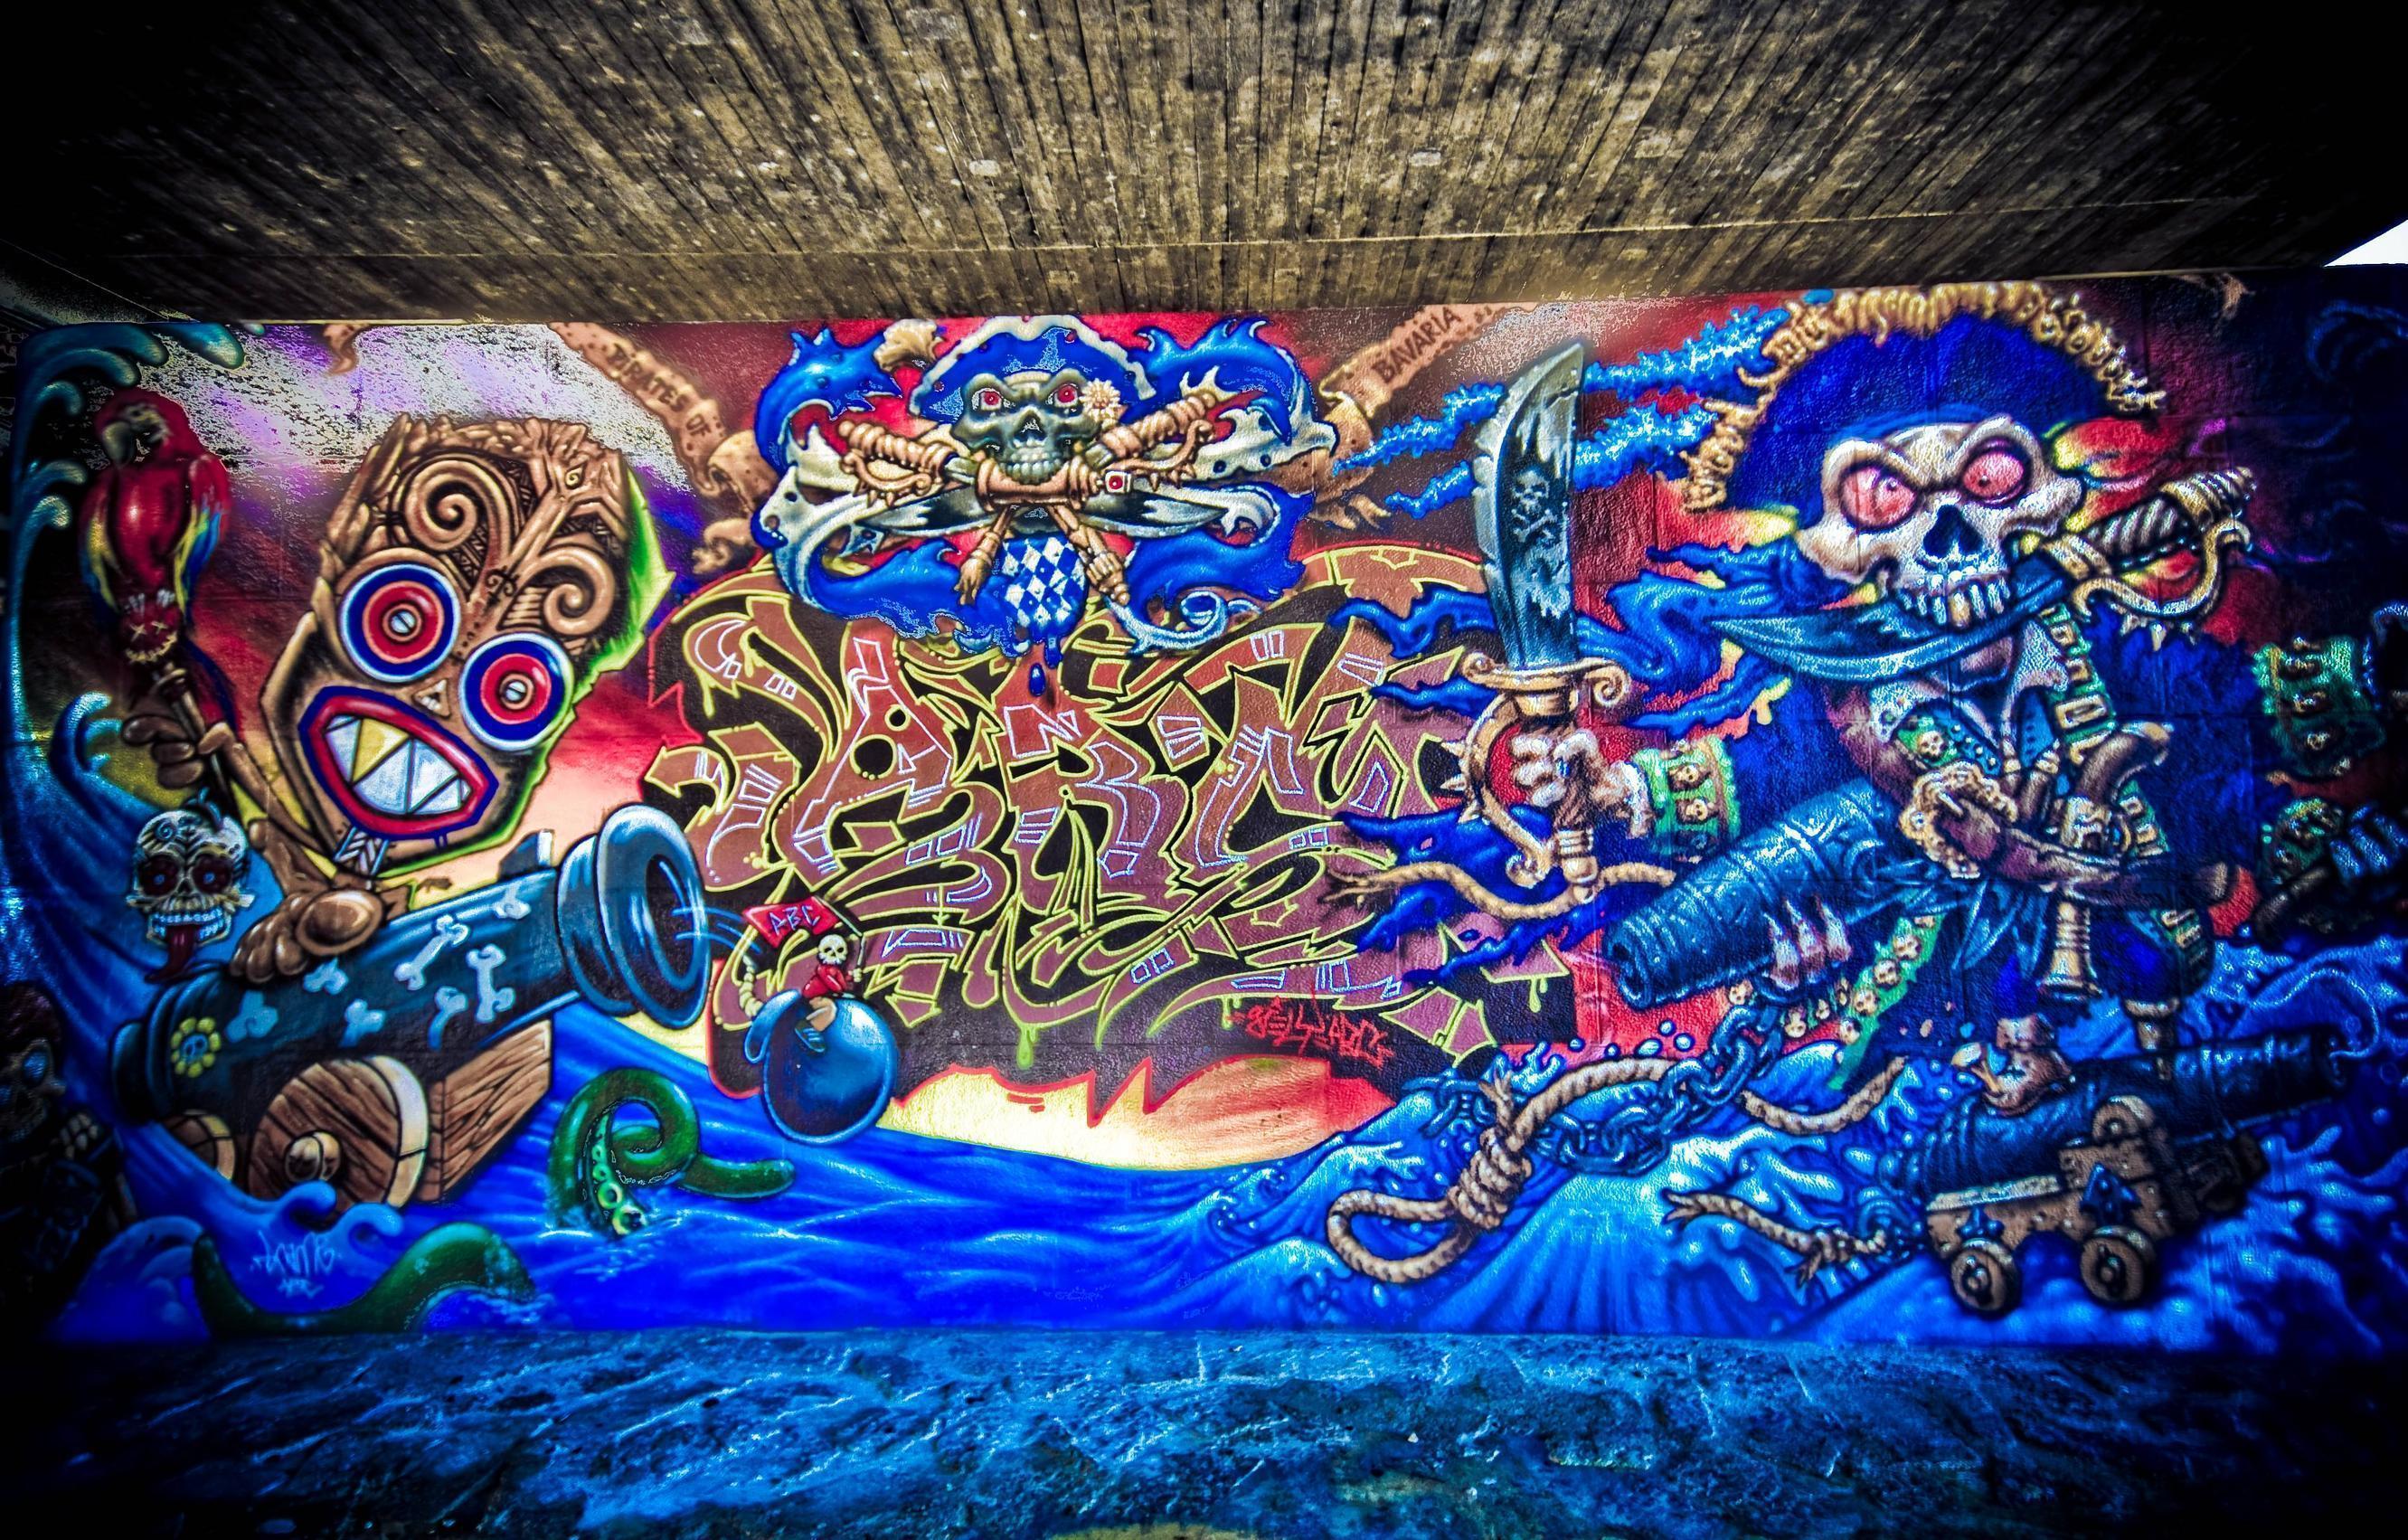 Graffiti Desktop Wallpapers - Wallpaper Cave